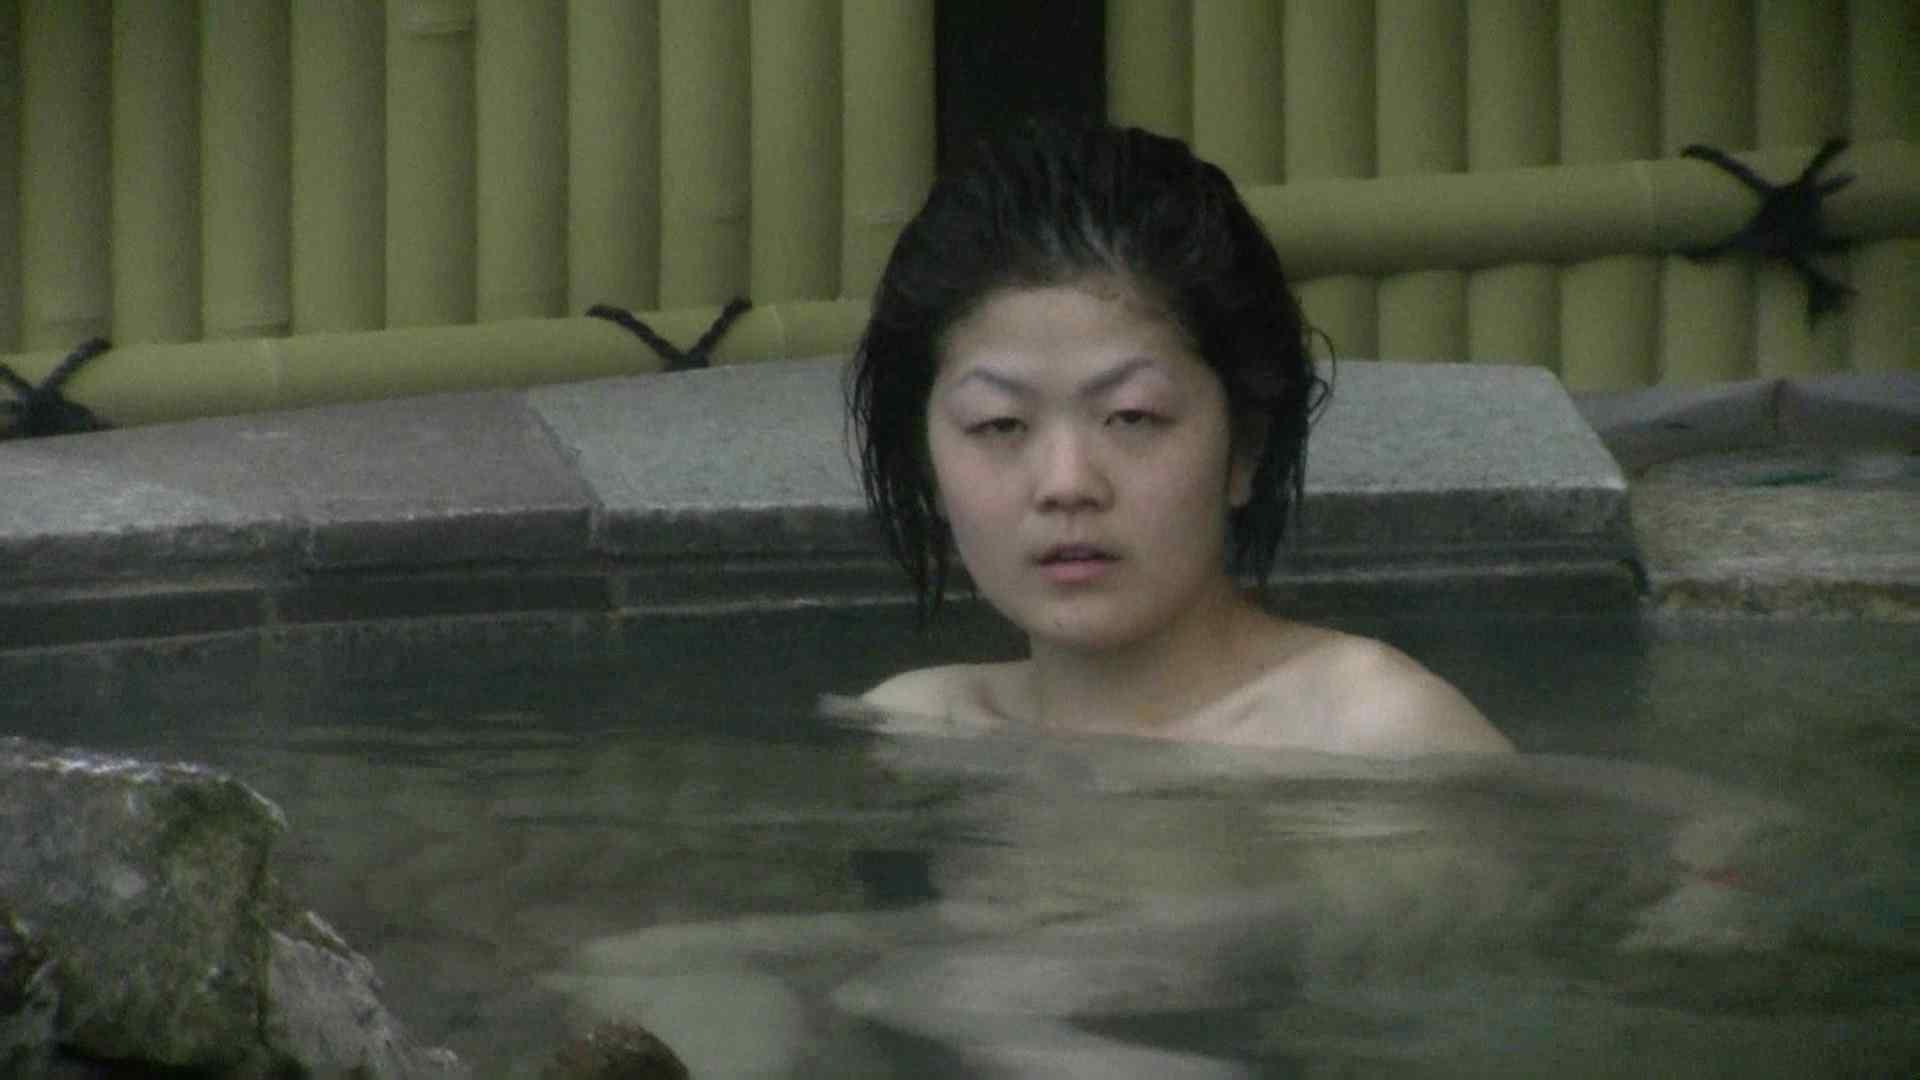 Aquaな露天風呂Vol.538 OLのエロ生活  90連発 39